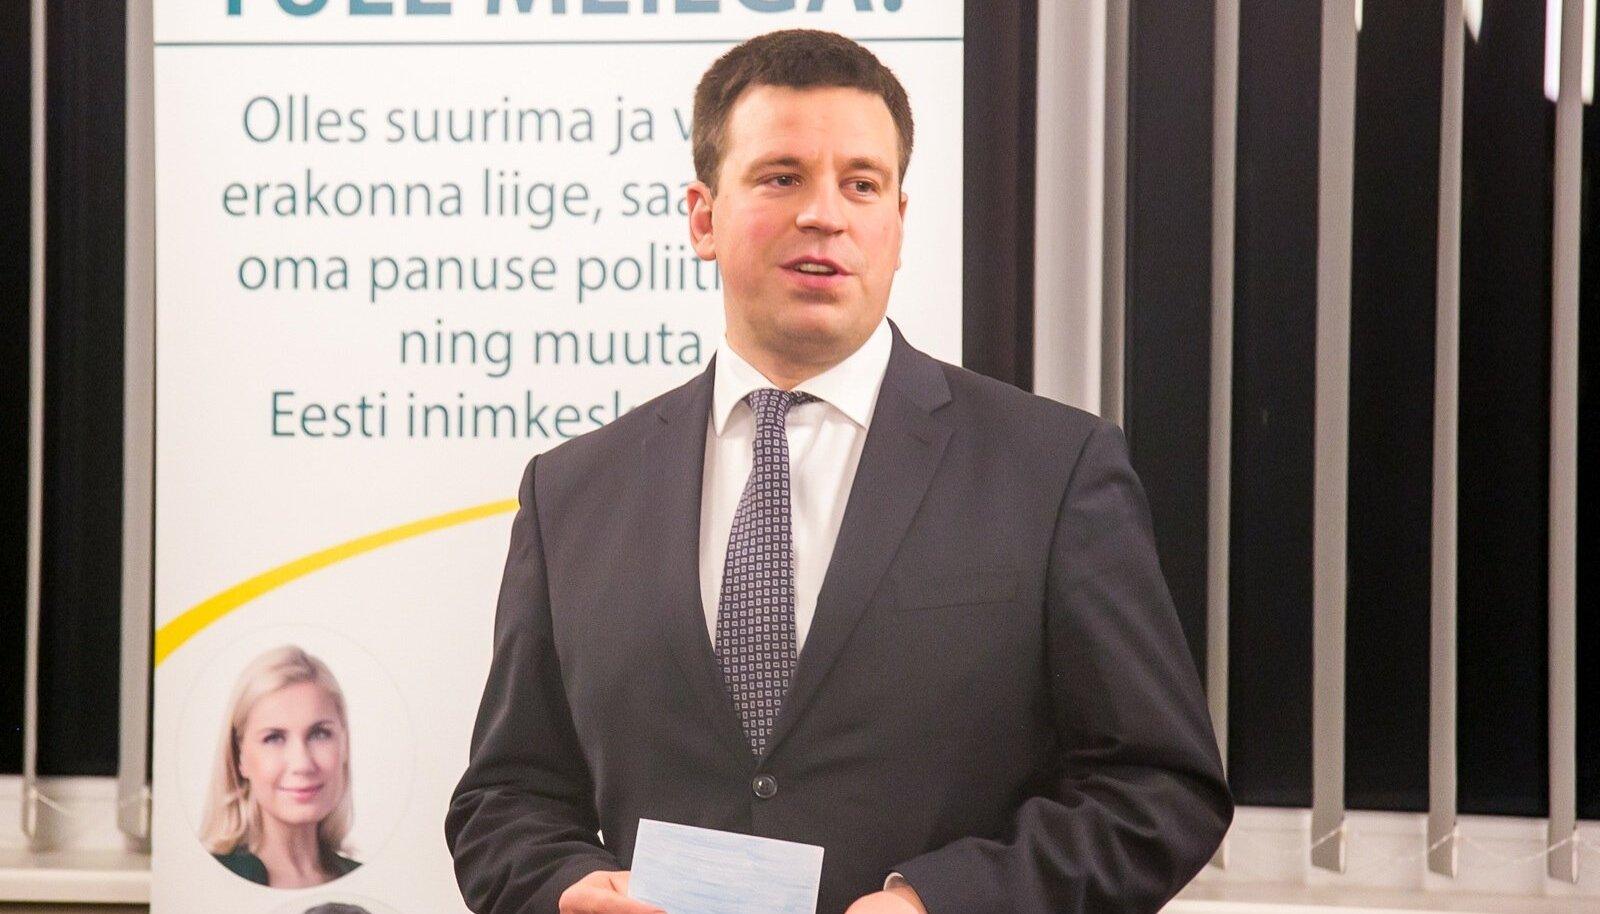 Varasemalt on keskerakondlased e-valimisi tõsiselt kritiseerinud, ent Jüri Ratase sõnutsi e-hääletuse kaotamist ei toetata. Küll aga tuleks turvariske vähendada.